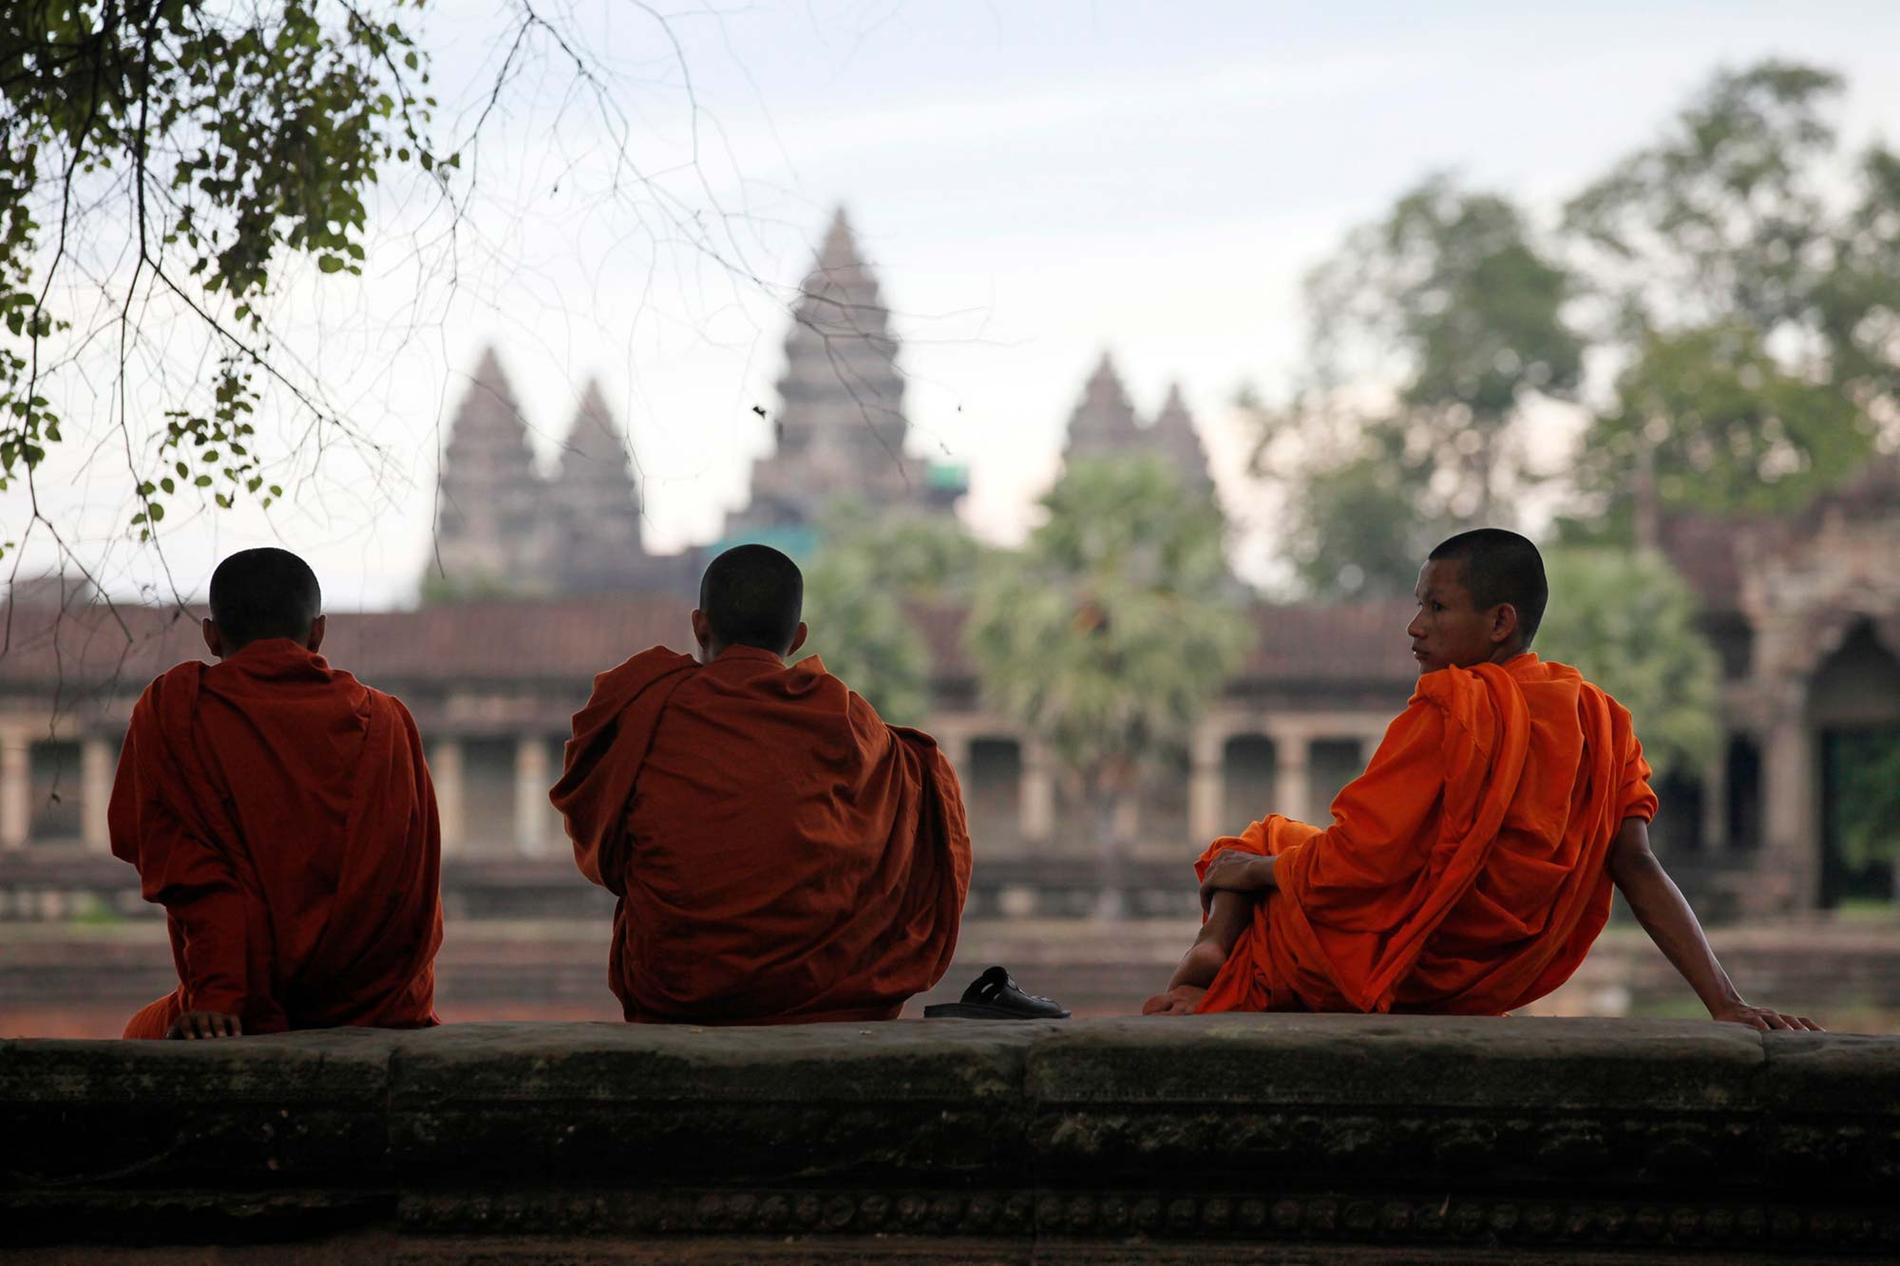 Nya ordningsregler i Angkor Vat: Förbjudet att ta selfies med munkarna utan lov.